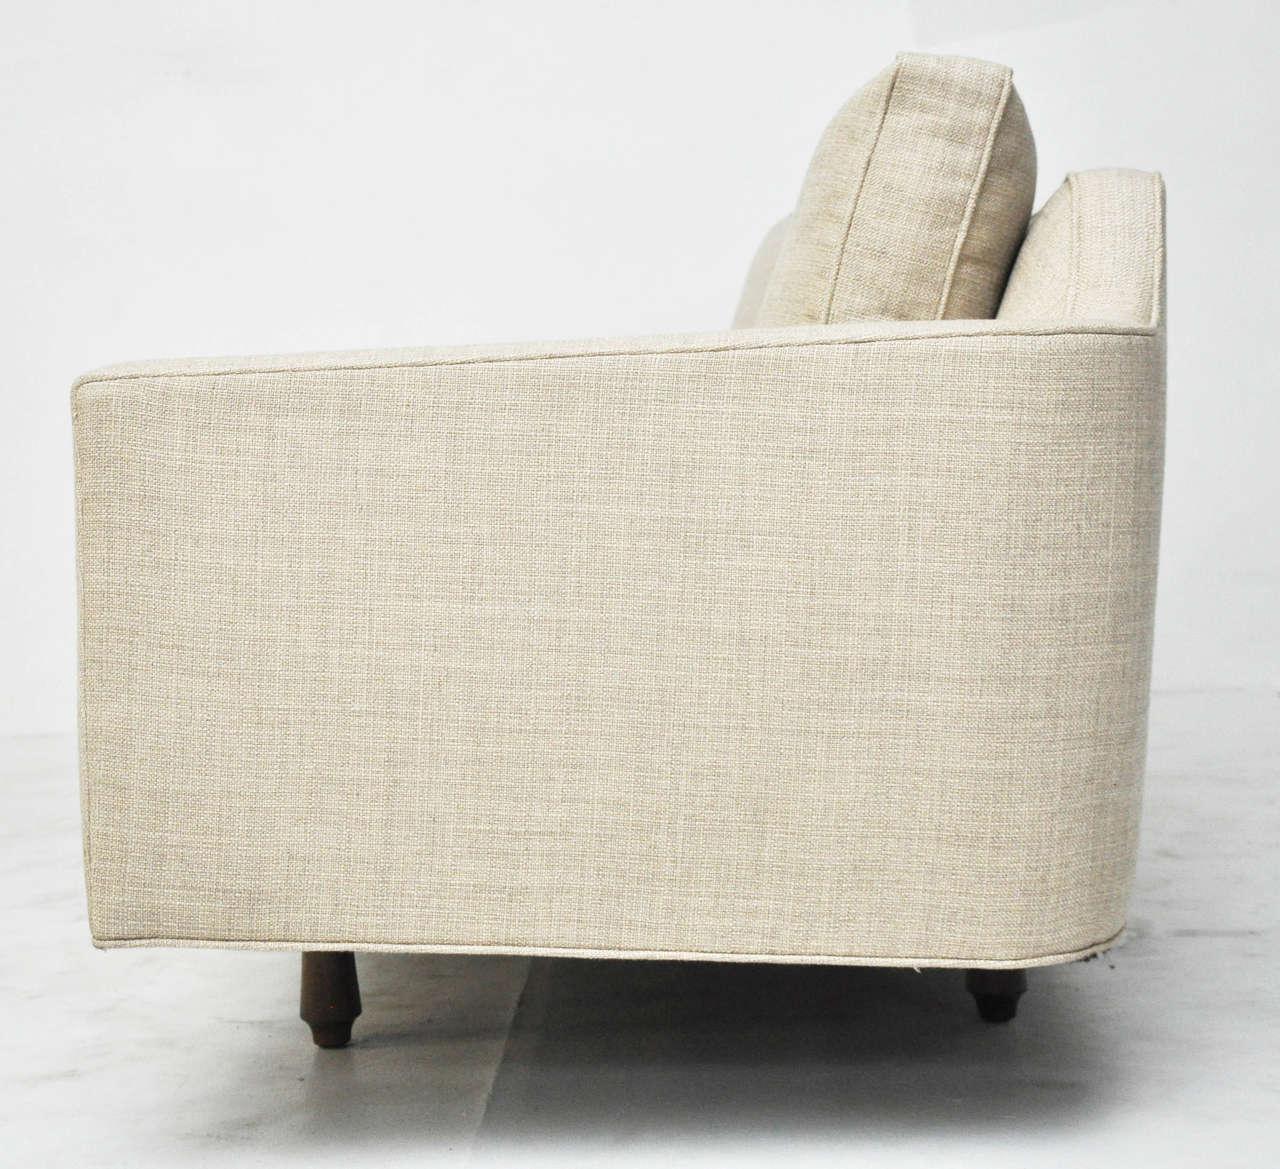 Dunbar Curved Back Sofa by Edward Wormley 8